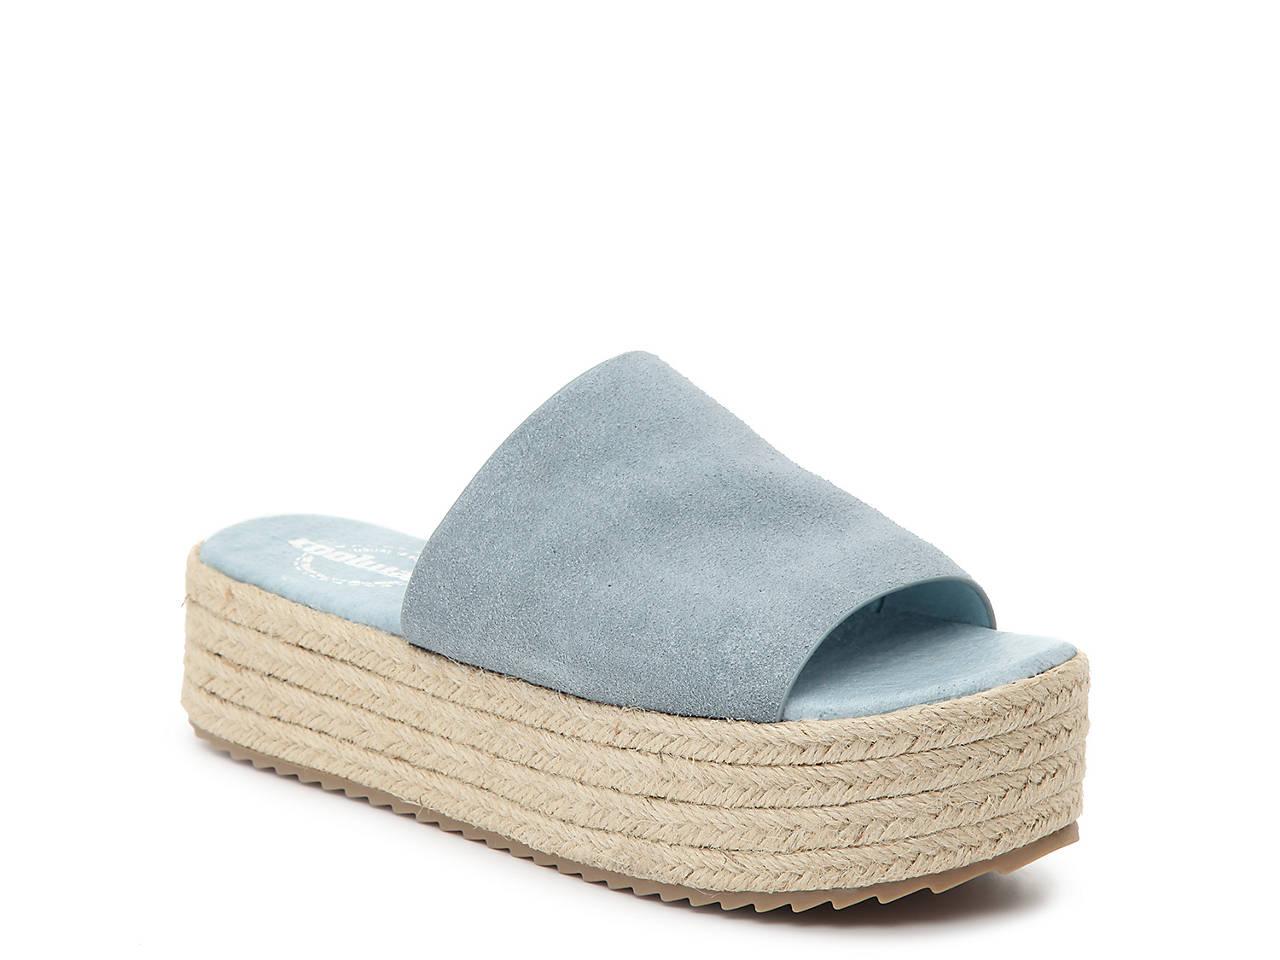 8db839ce877 Coolway Bory Espadrille Platform Sandal Women s Shoes